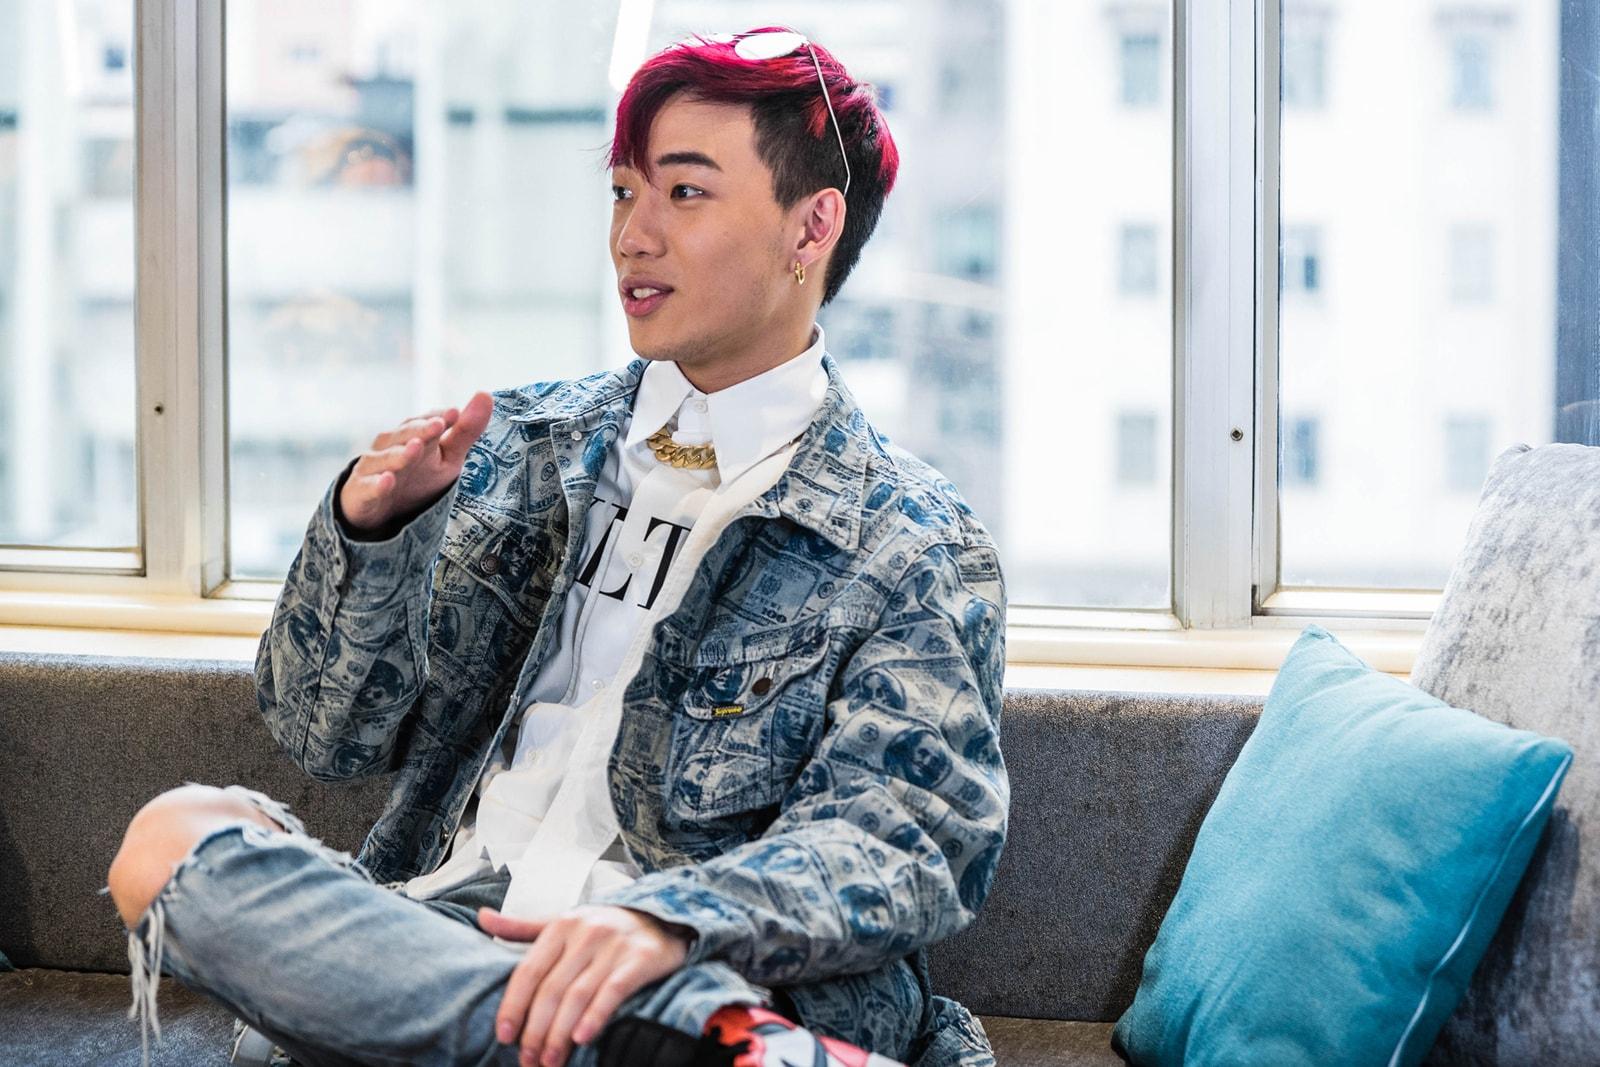 HYPEBEAST 專訪台灣新晉 R&B 歌手 ØZI:潮流與音樂創作一樣,都講求層次